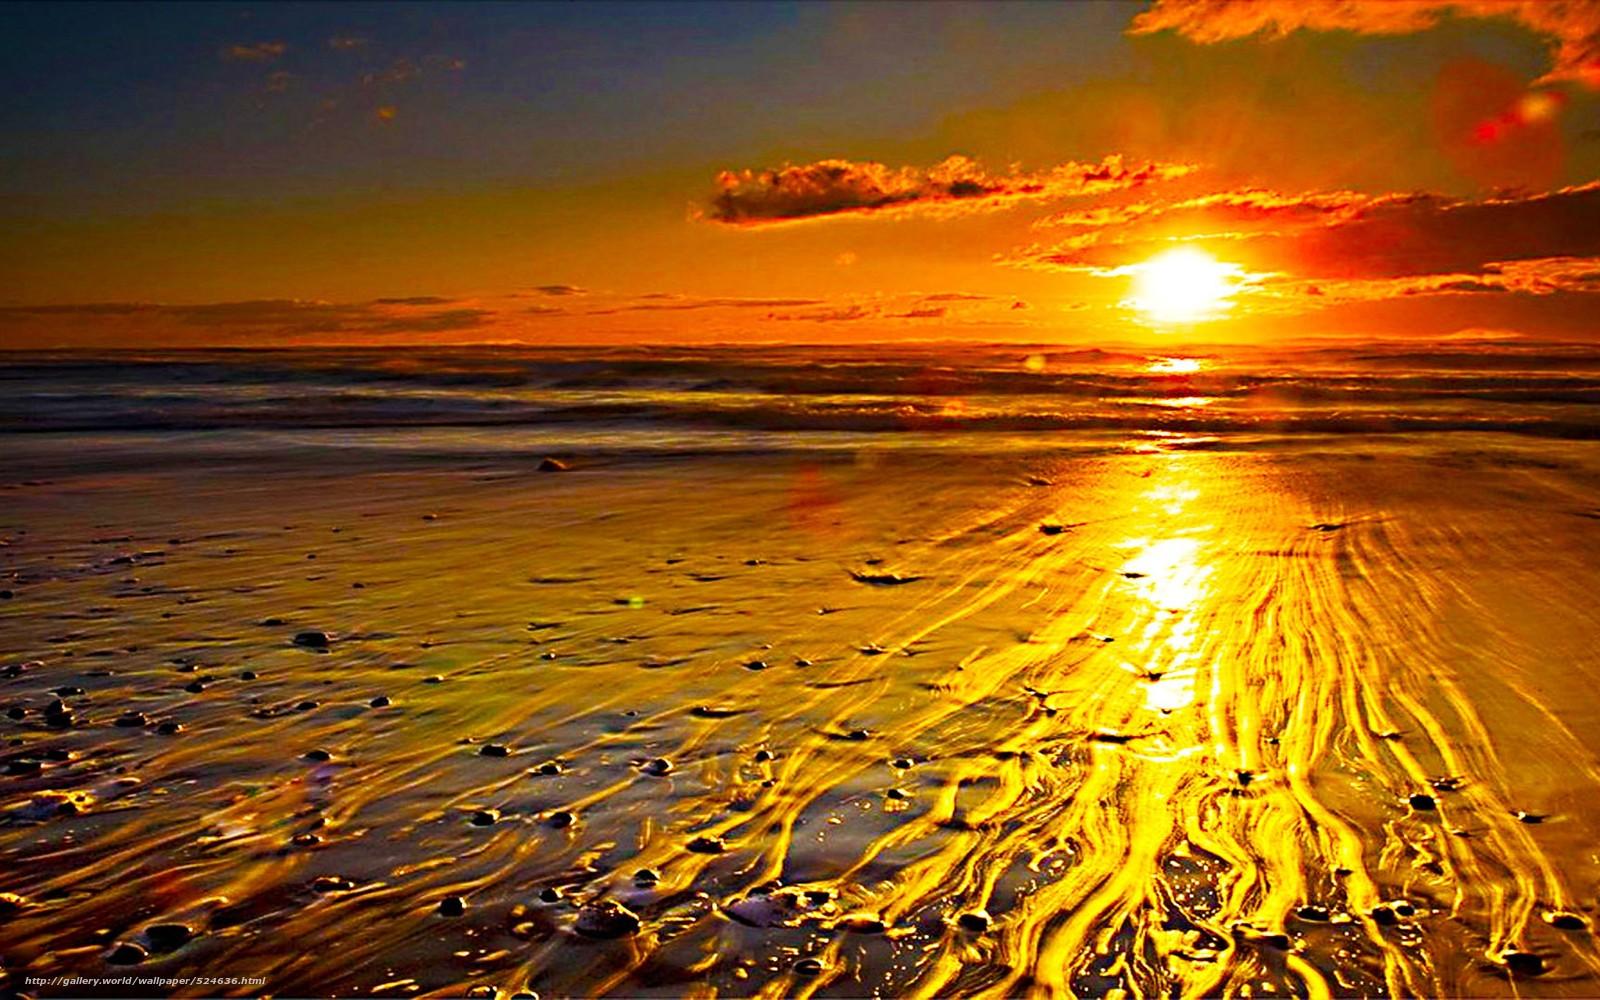 tlcharger fond d 39 ecran paysage mer plage coucher du soleil fonds d 39 ecran gratuits pour votre. Black Bedroom Furniture Sets. Home Design Ideas